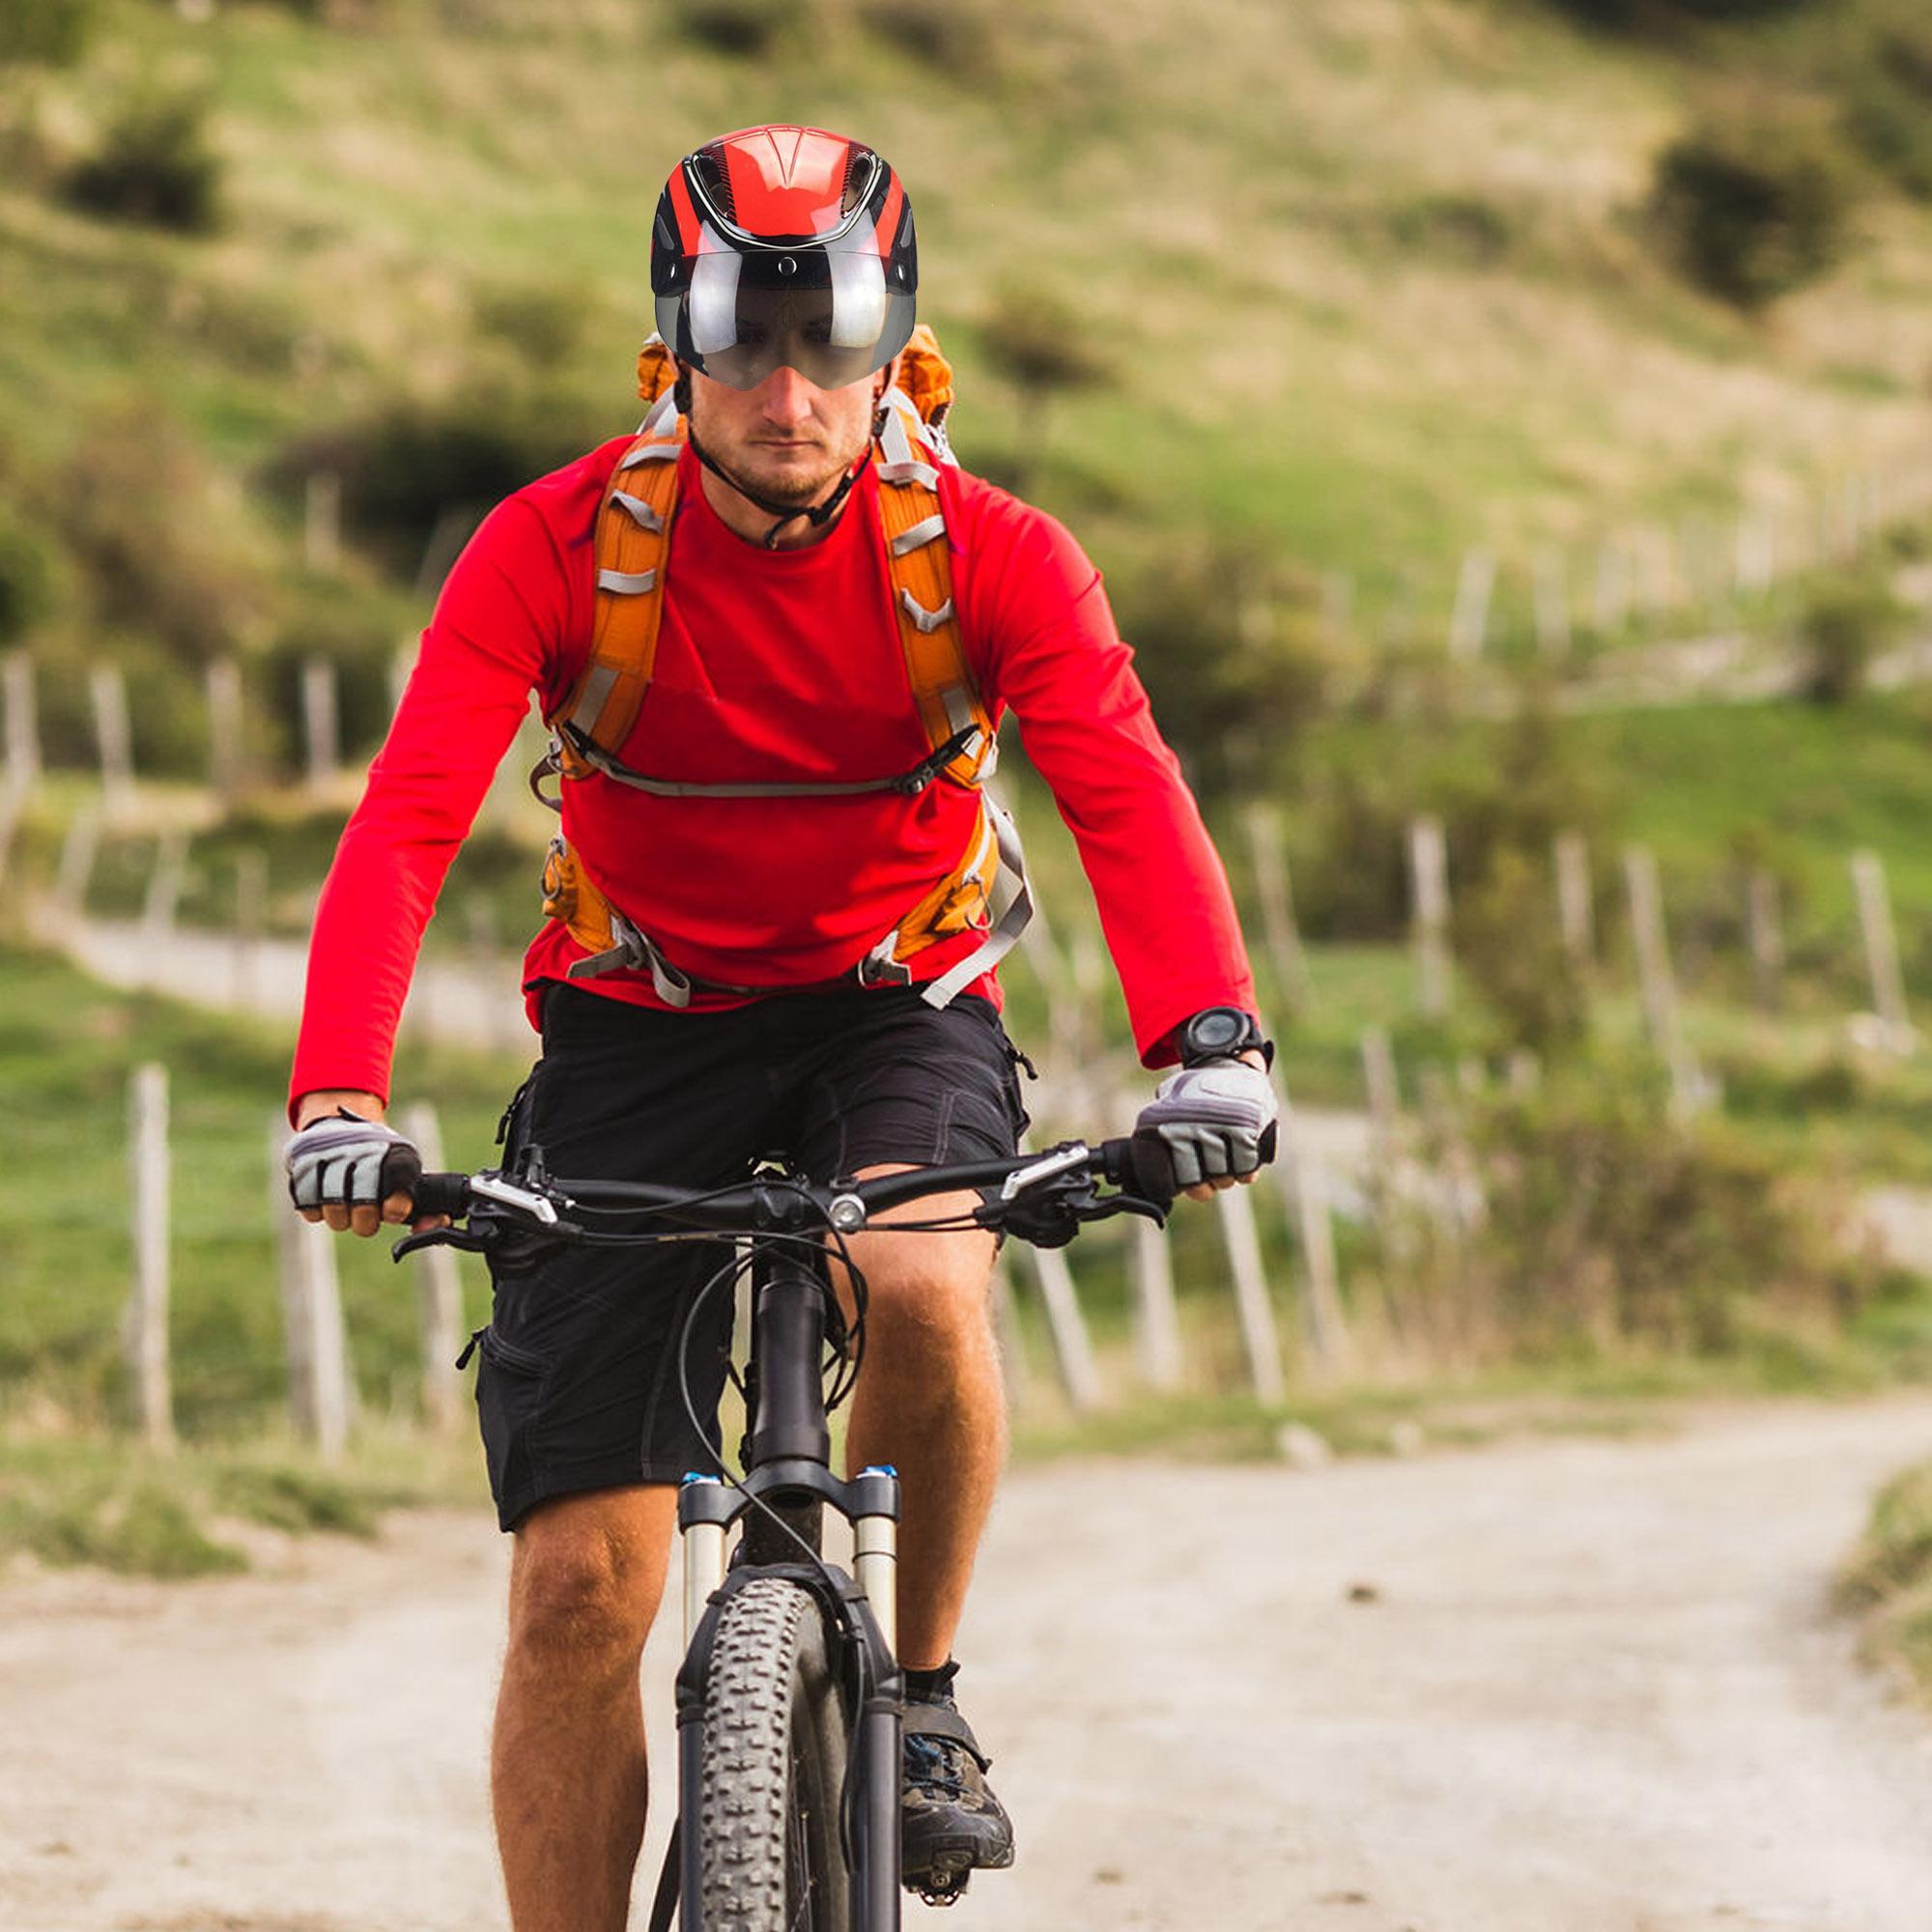 iag-bike-helmet-wtih-goggles